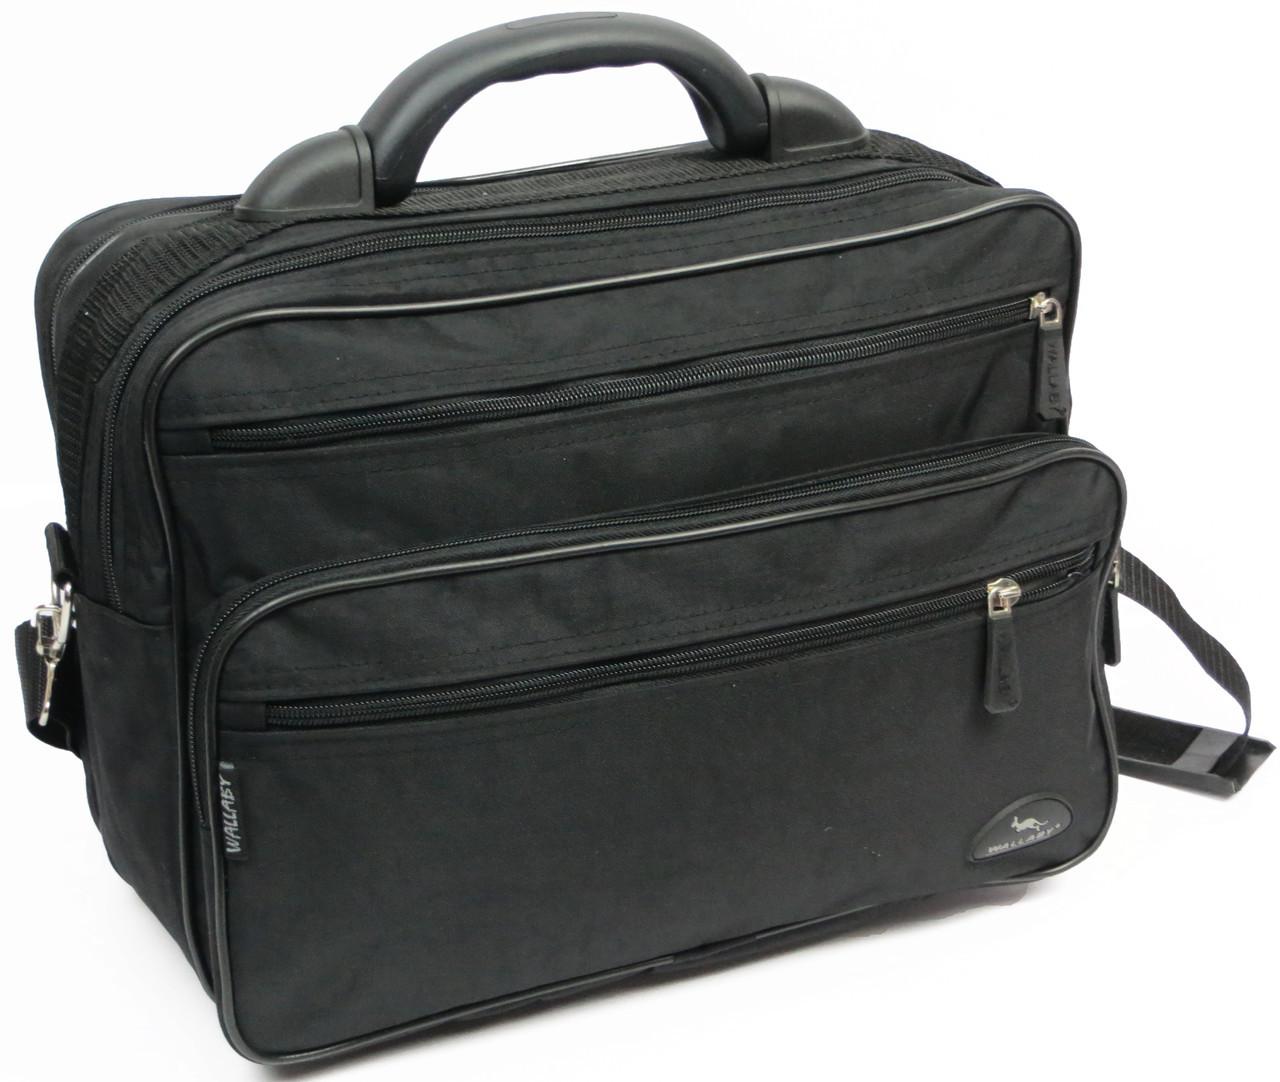 Мужской тканевый портфель Wallaby 2653 черный, фото 1